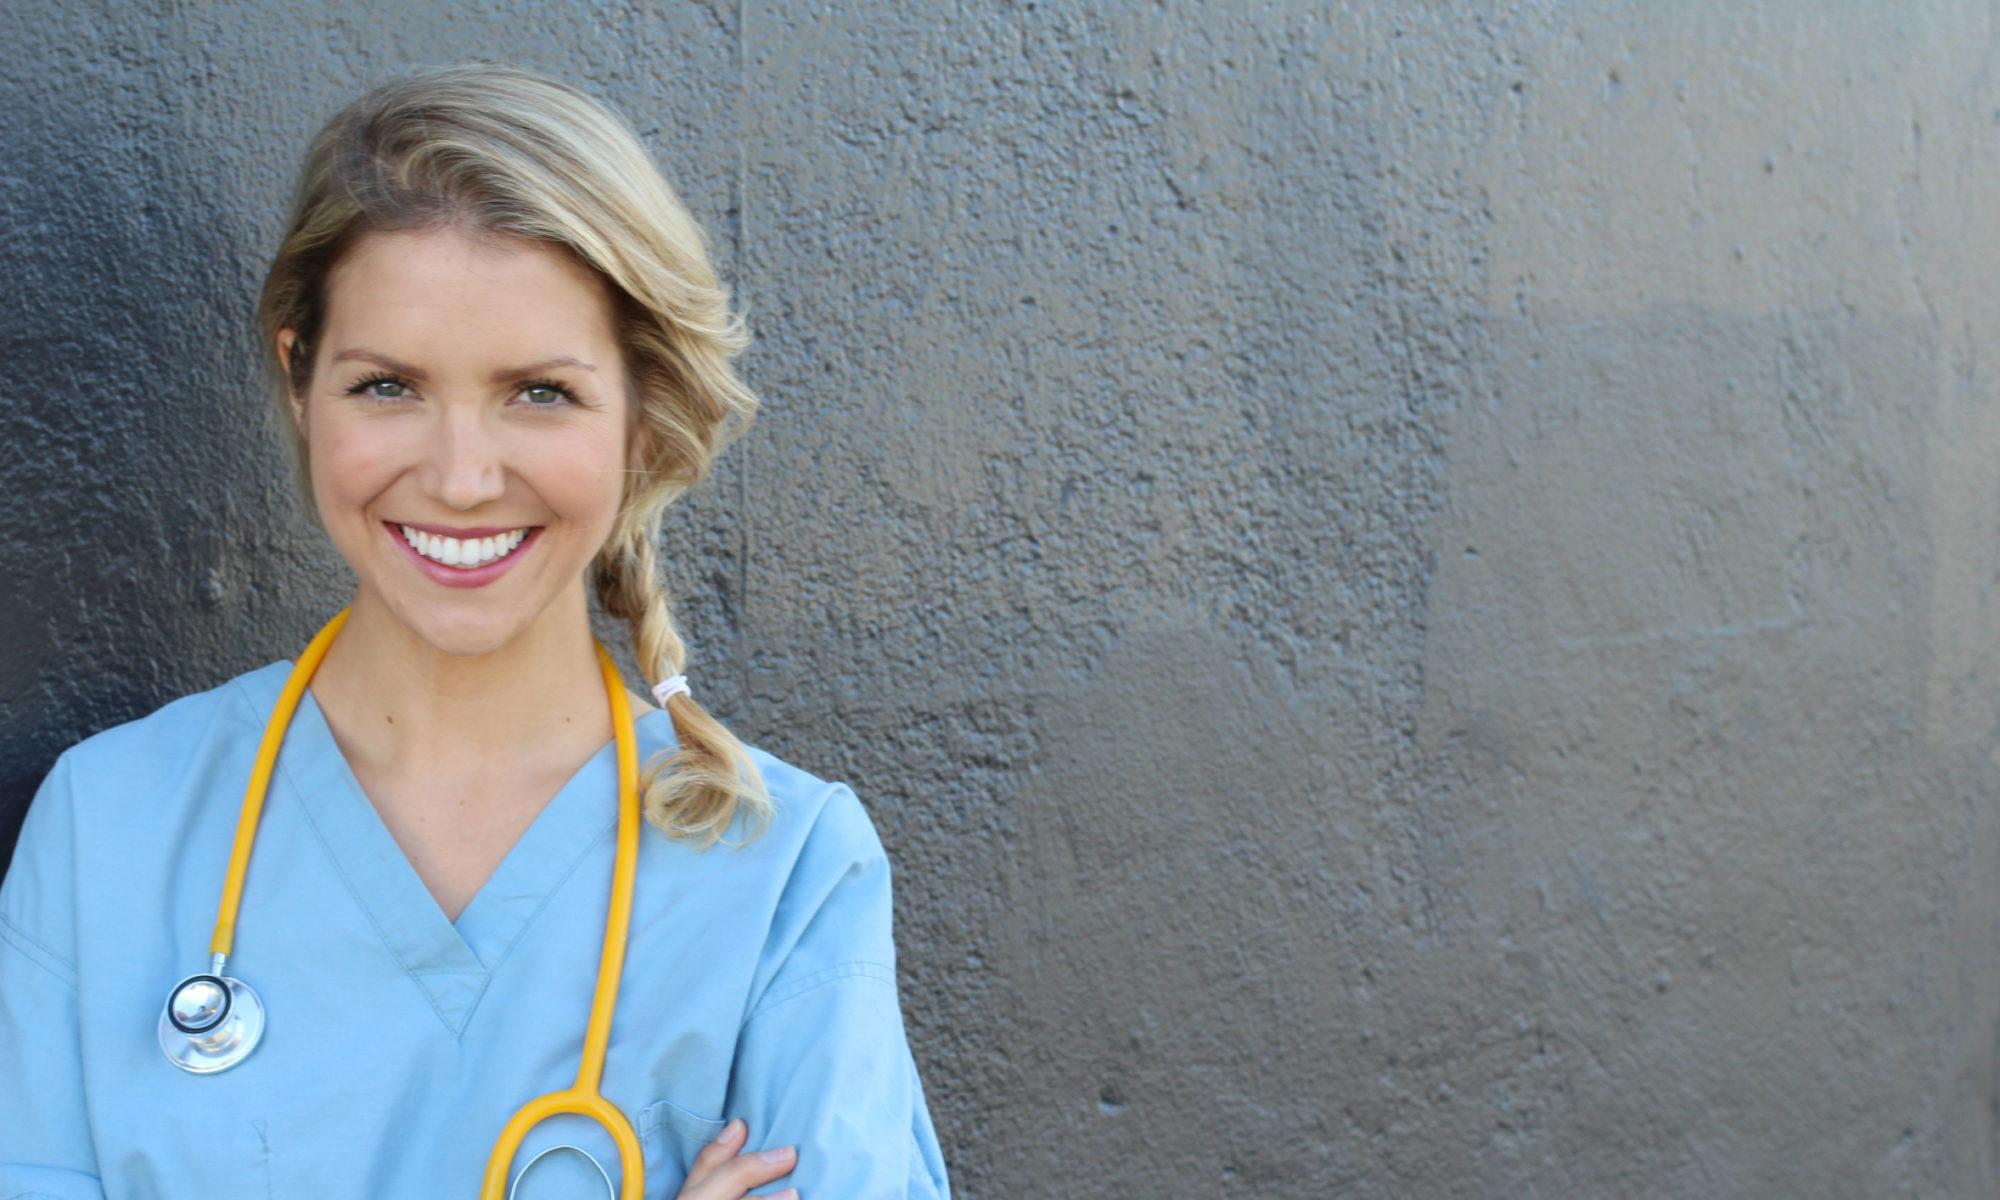 Junge lächelnde Ärztin mit blauen Kittel und Stethoskop